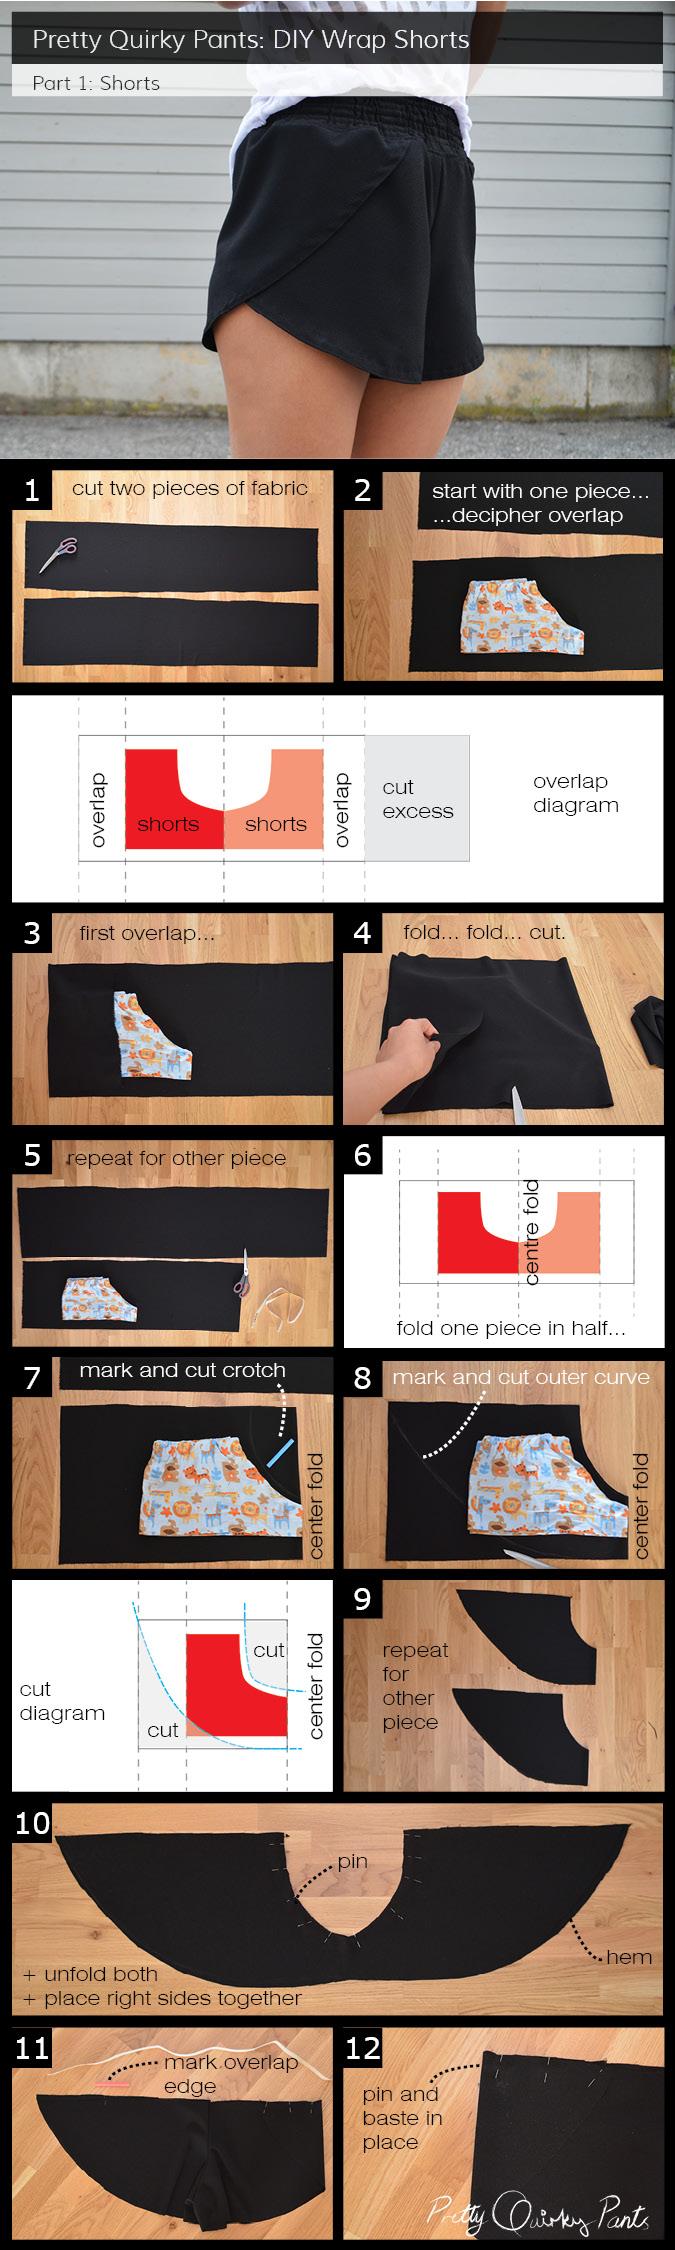 Instruction Layout - wrap shorts